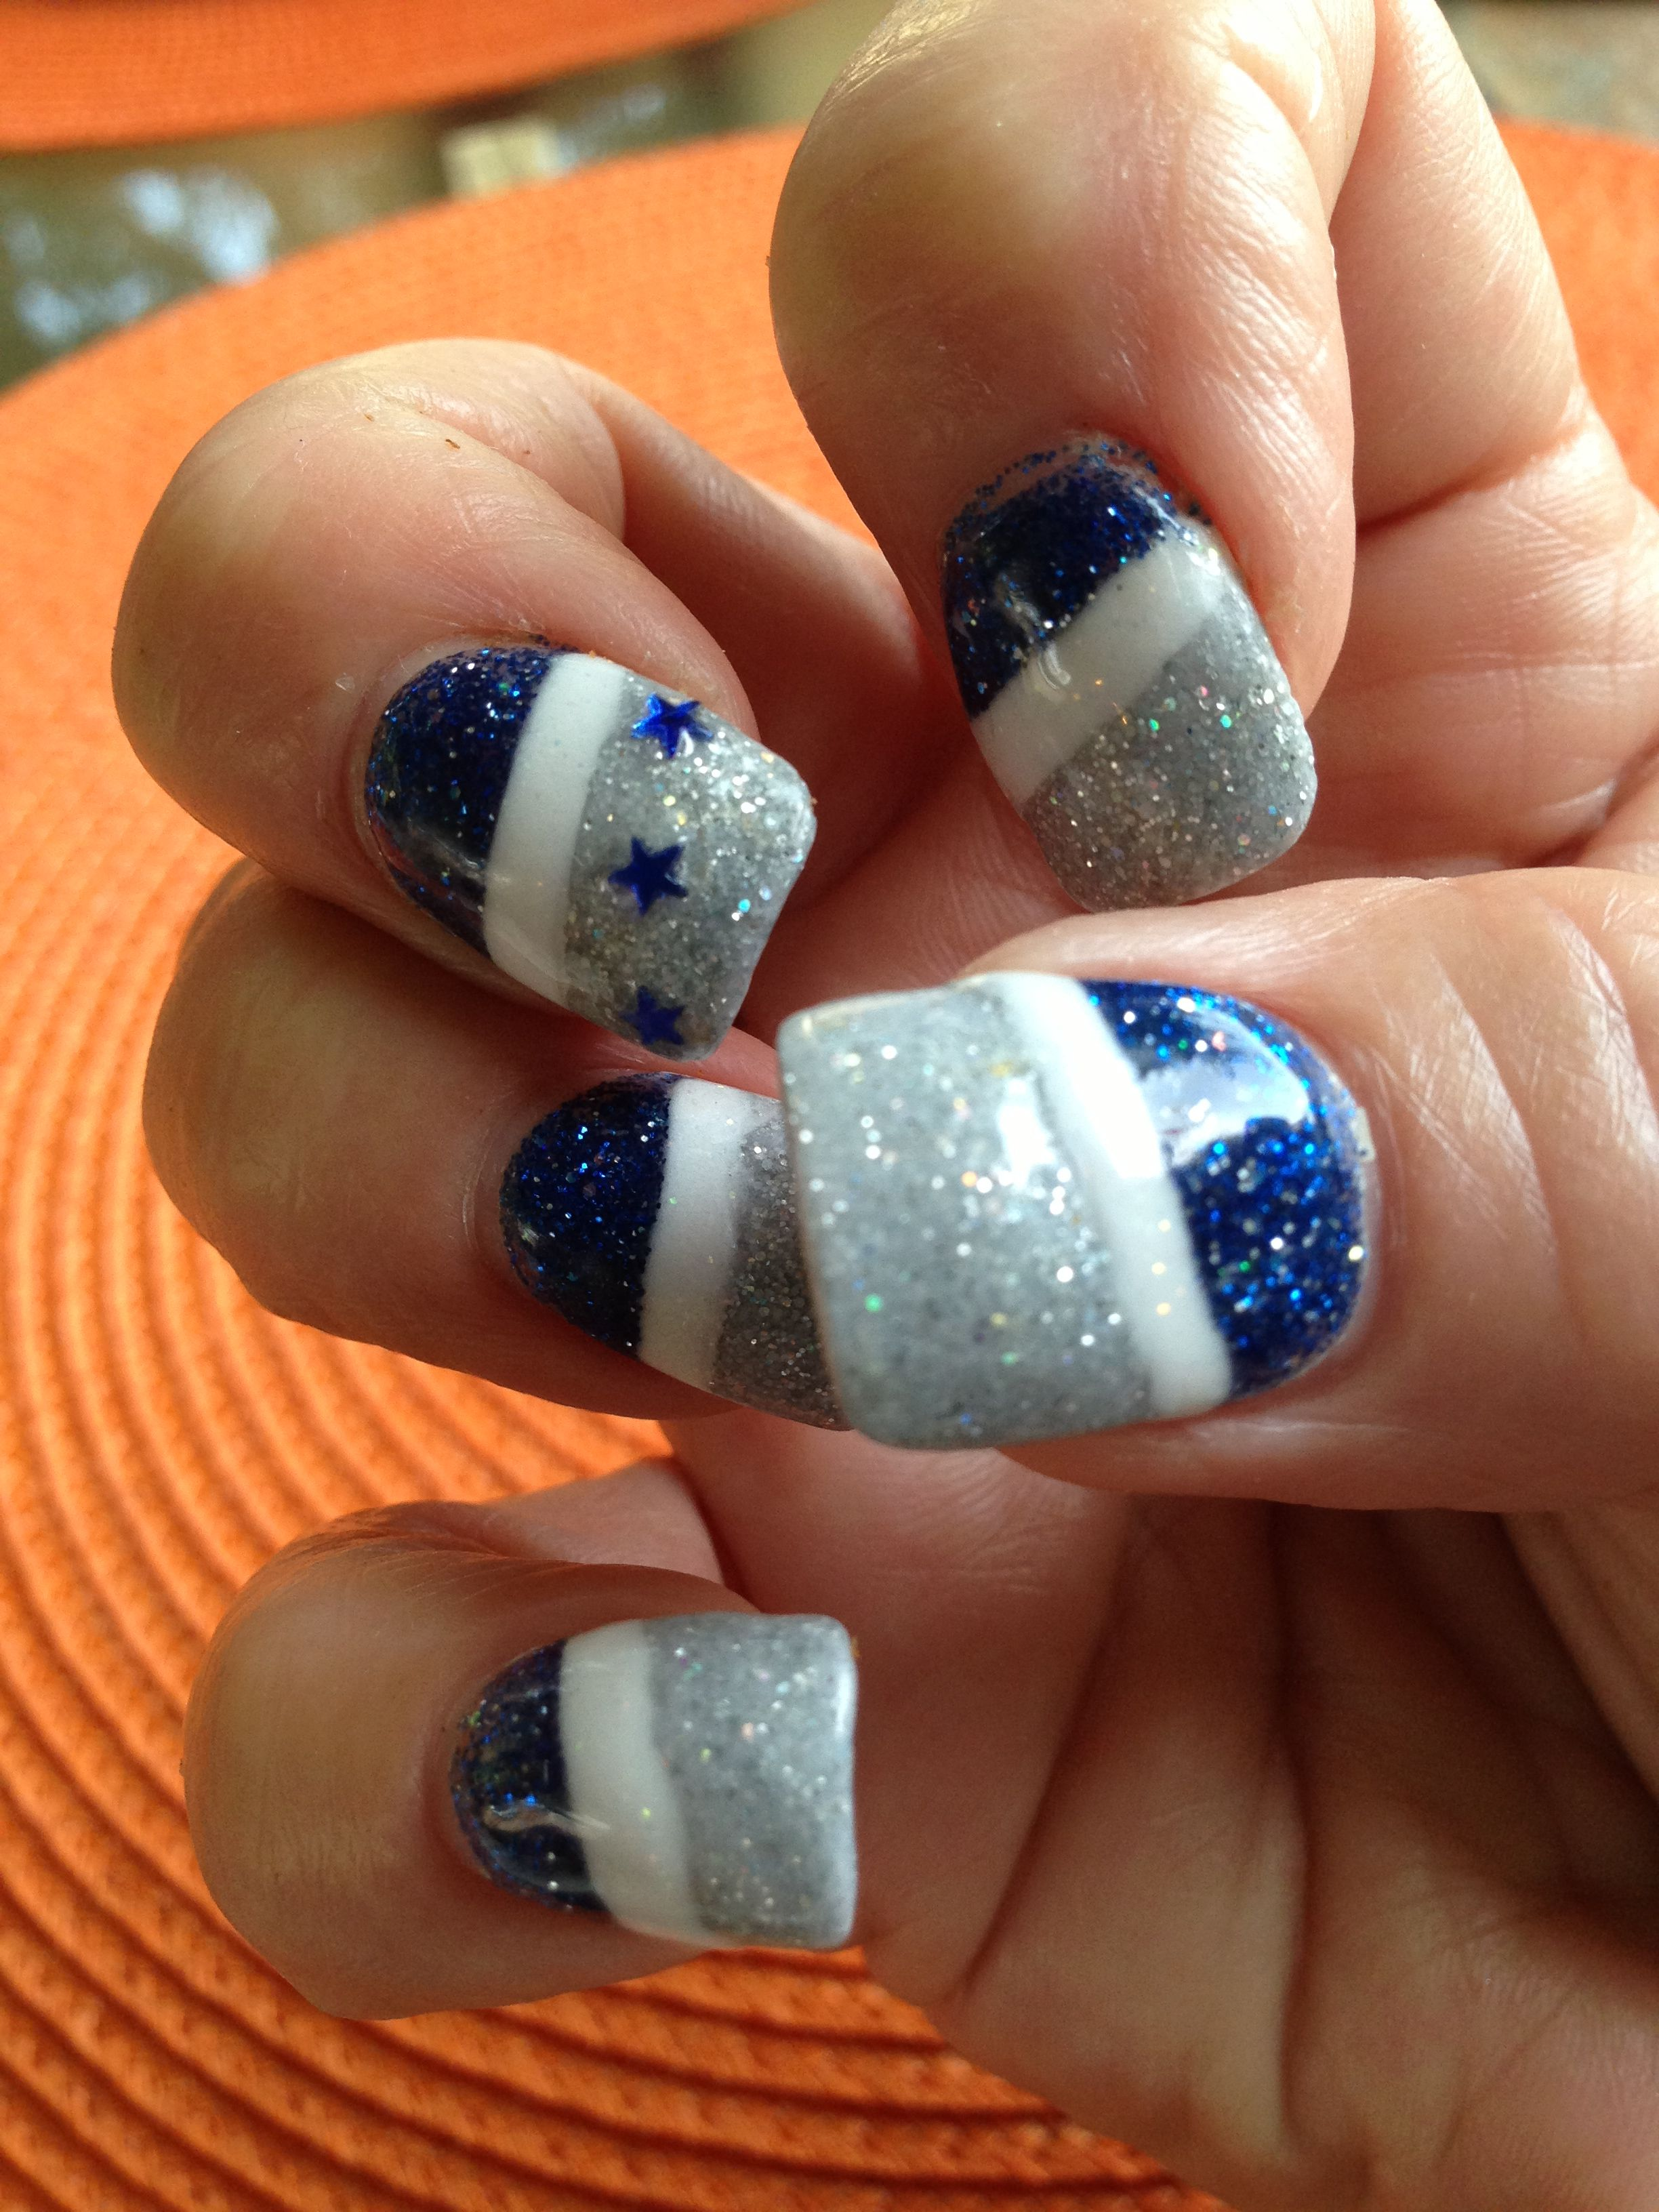 Dallas Cowboy Nails!!   My Style   Pinterest   Dallas cowboys nails ...